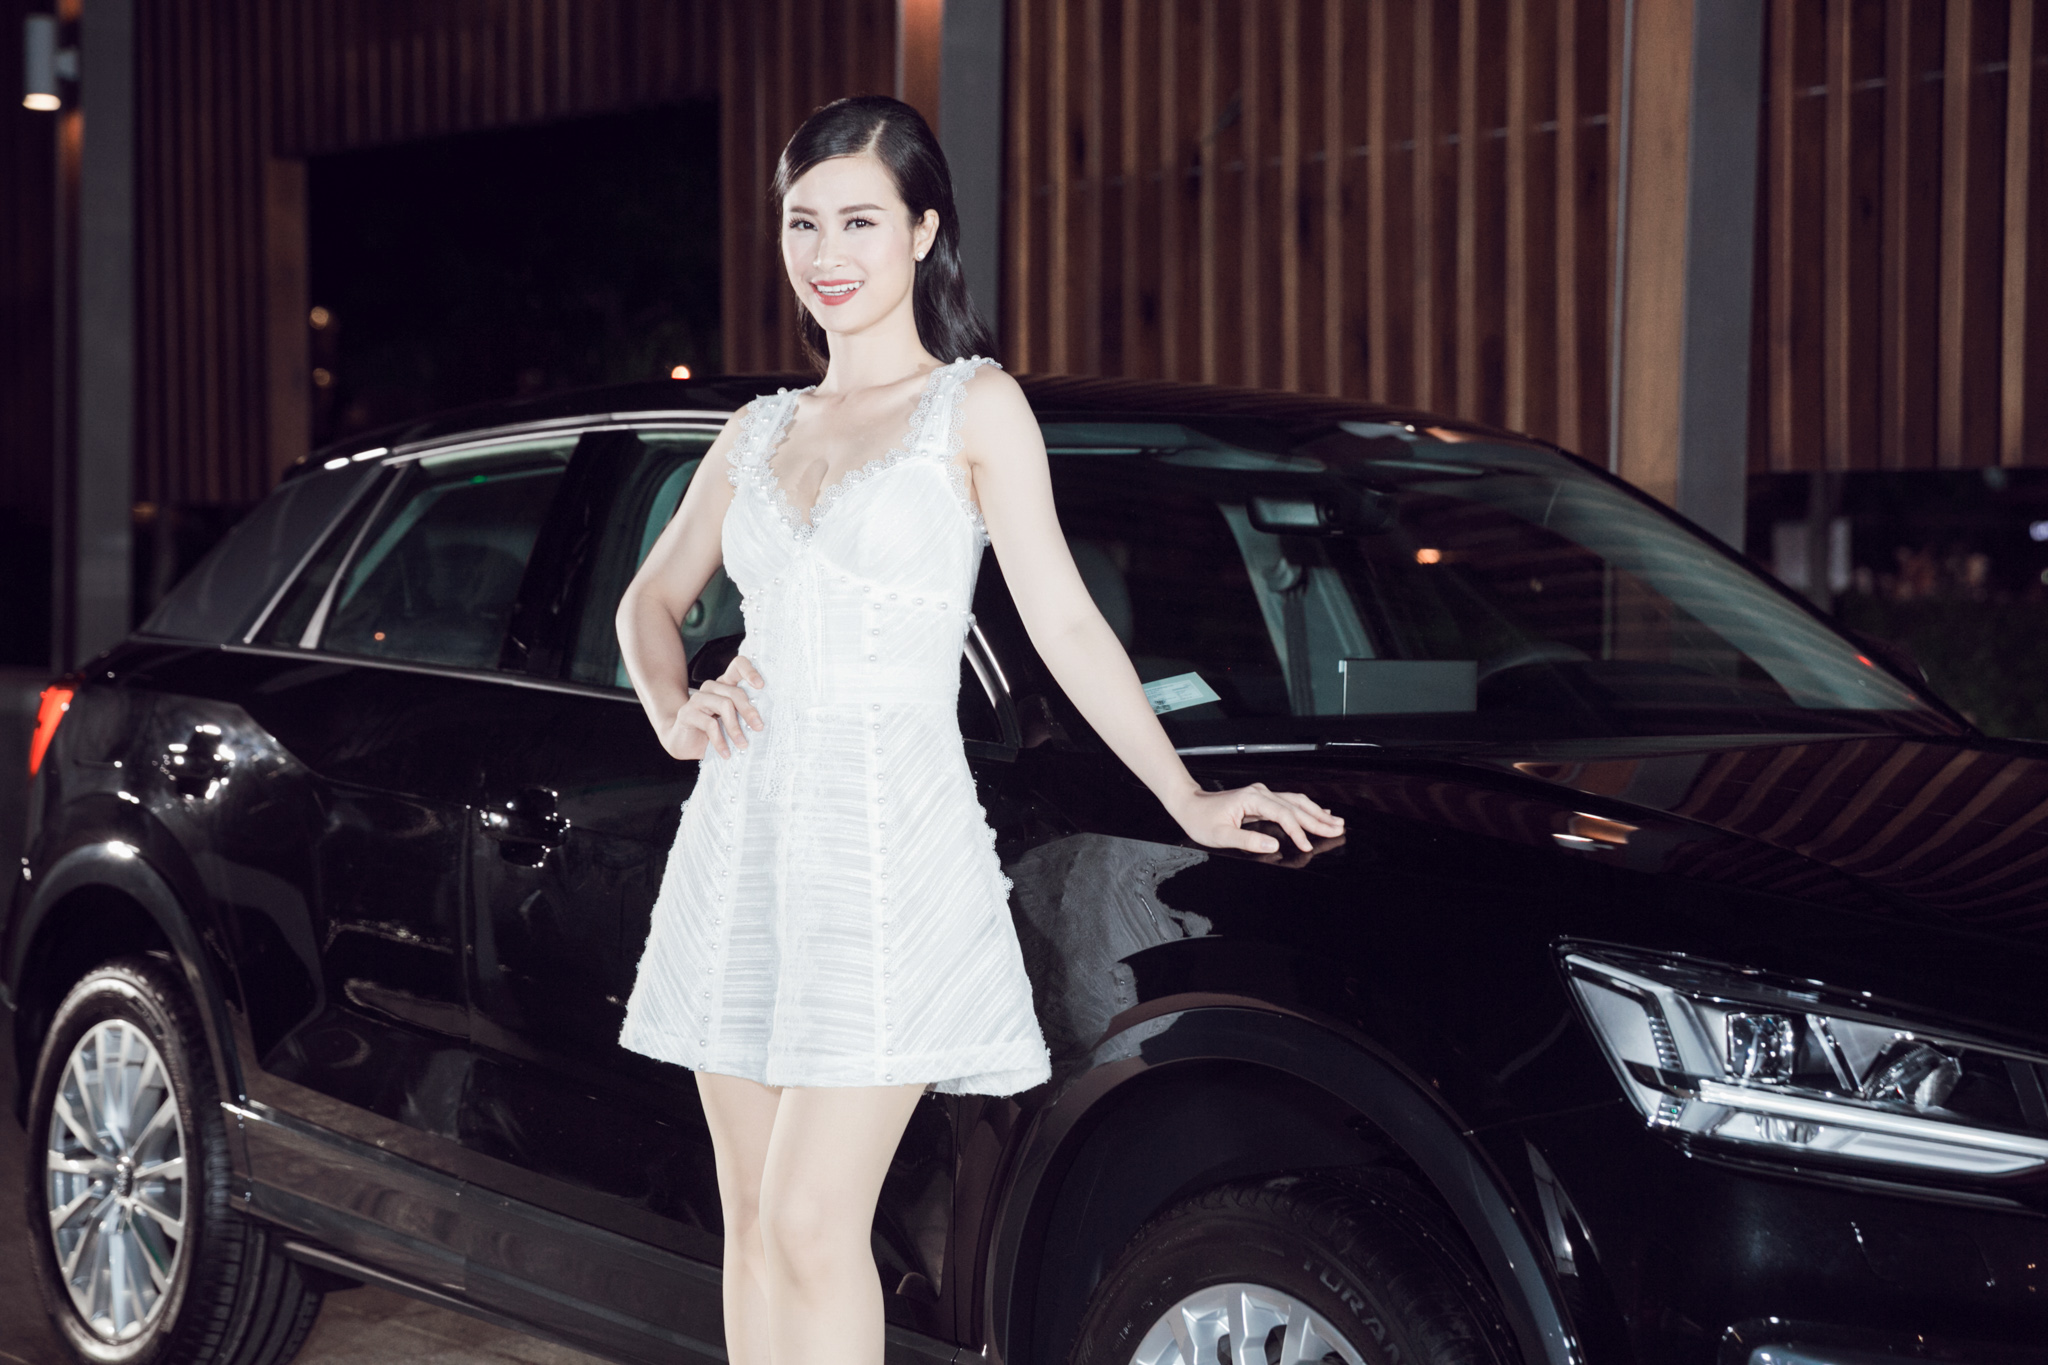 Thanh Hằng khoe vai trần, rạng rỡ đọ sắc cùng Đông Nhi tại sự kiện - Ảnh 2.